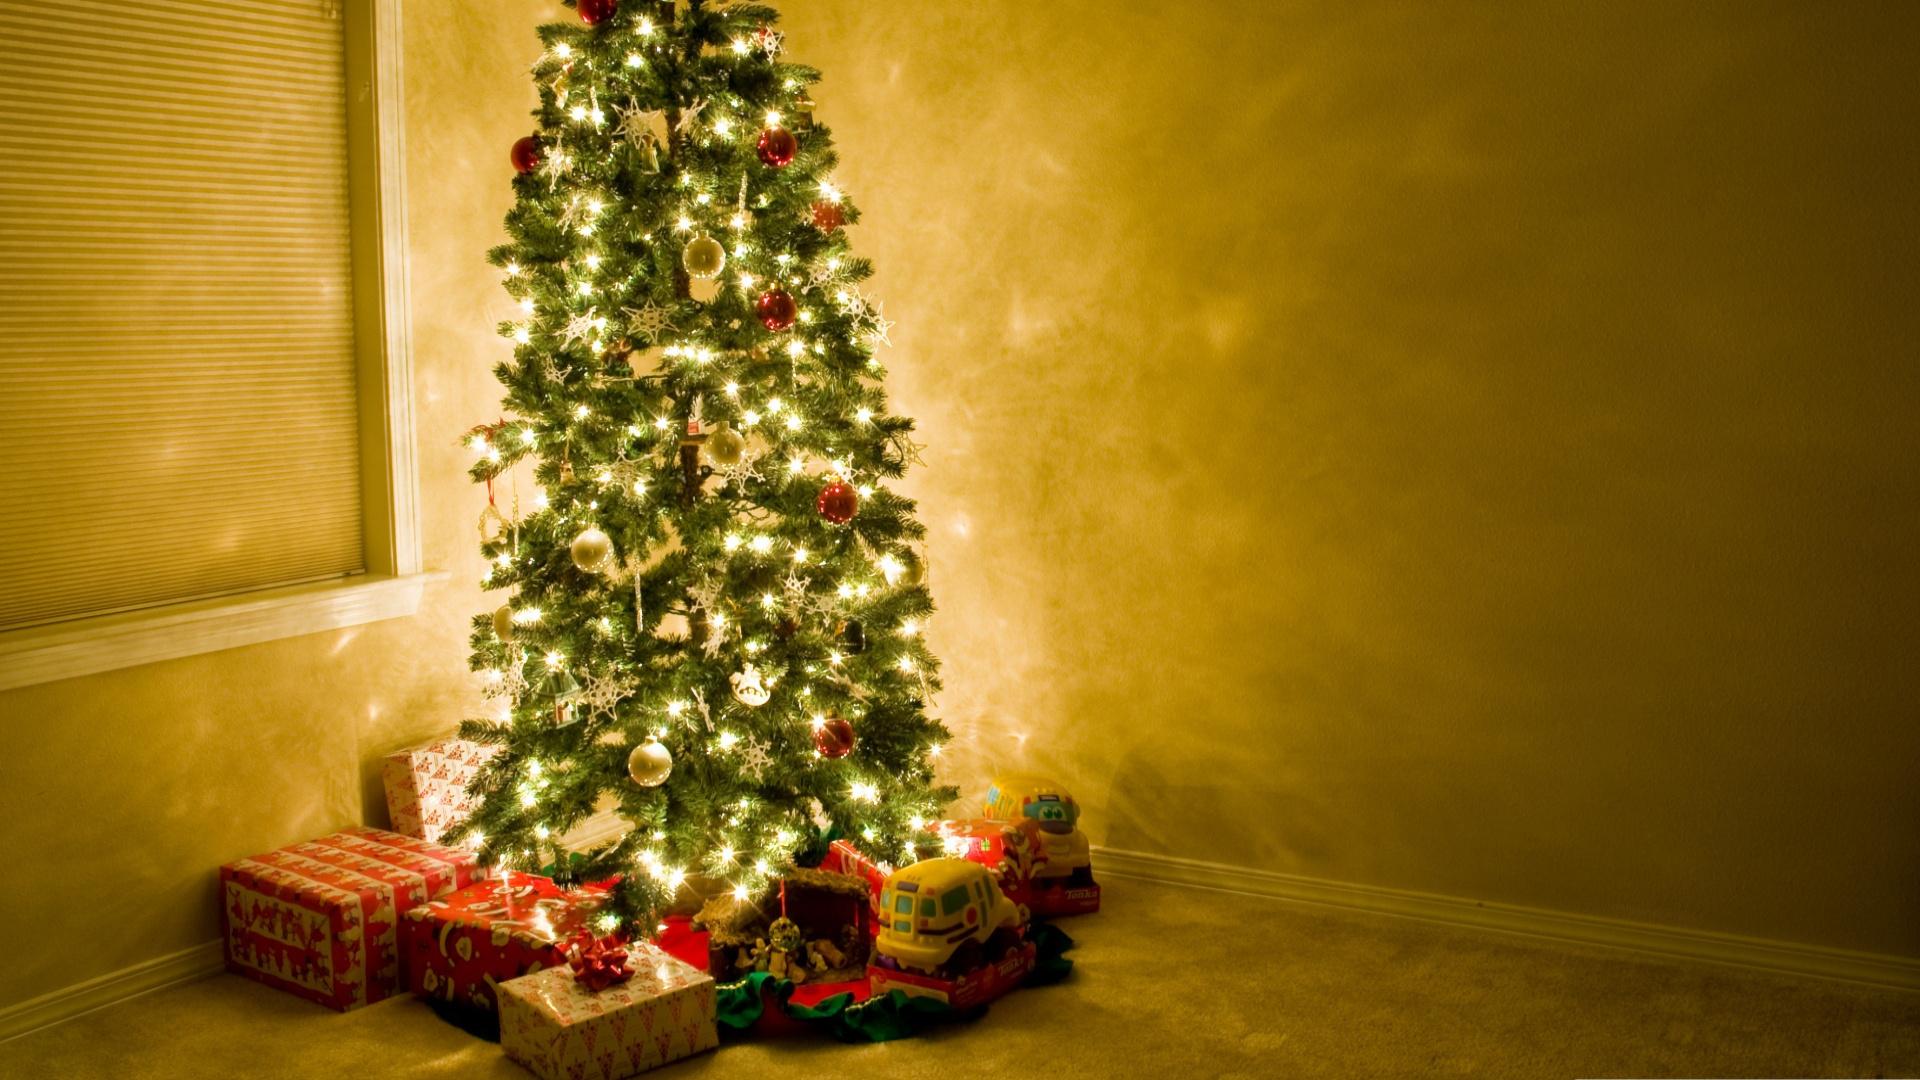 зависимости стадии картинка с елкой новогодней на потолке надо